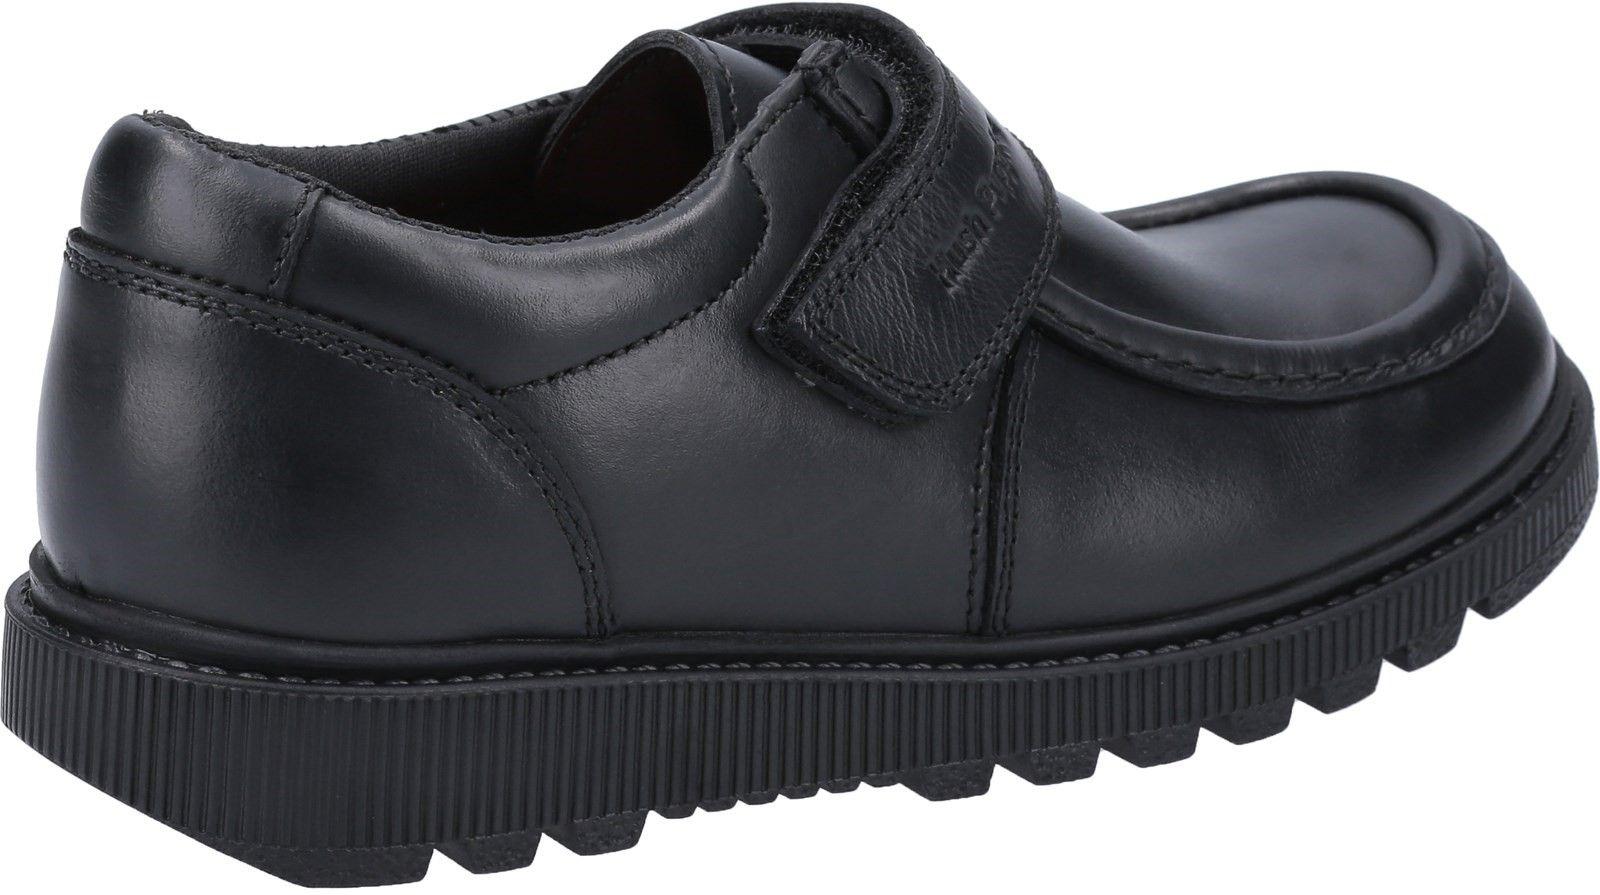 Ryan Senior School Shoe